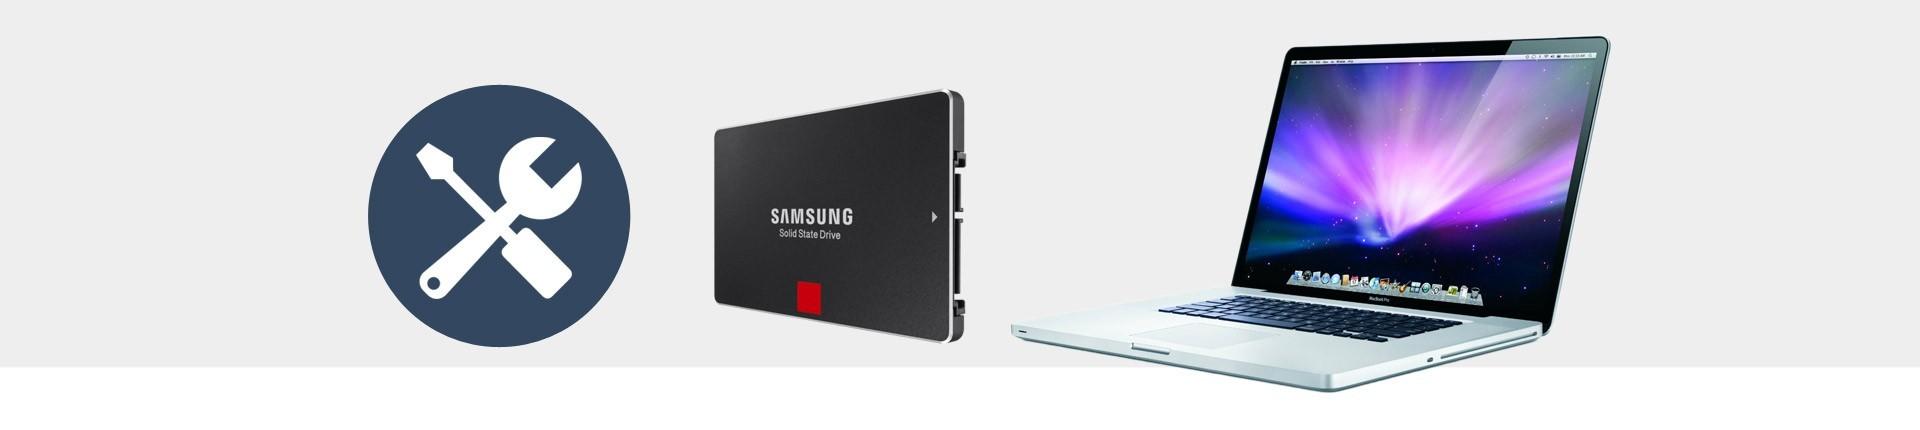 Instalación de Disco SSD